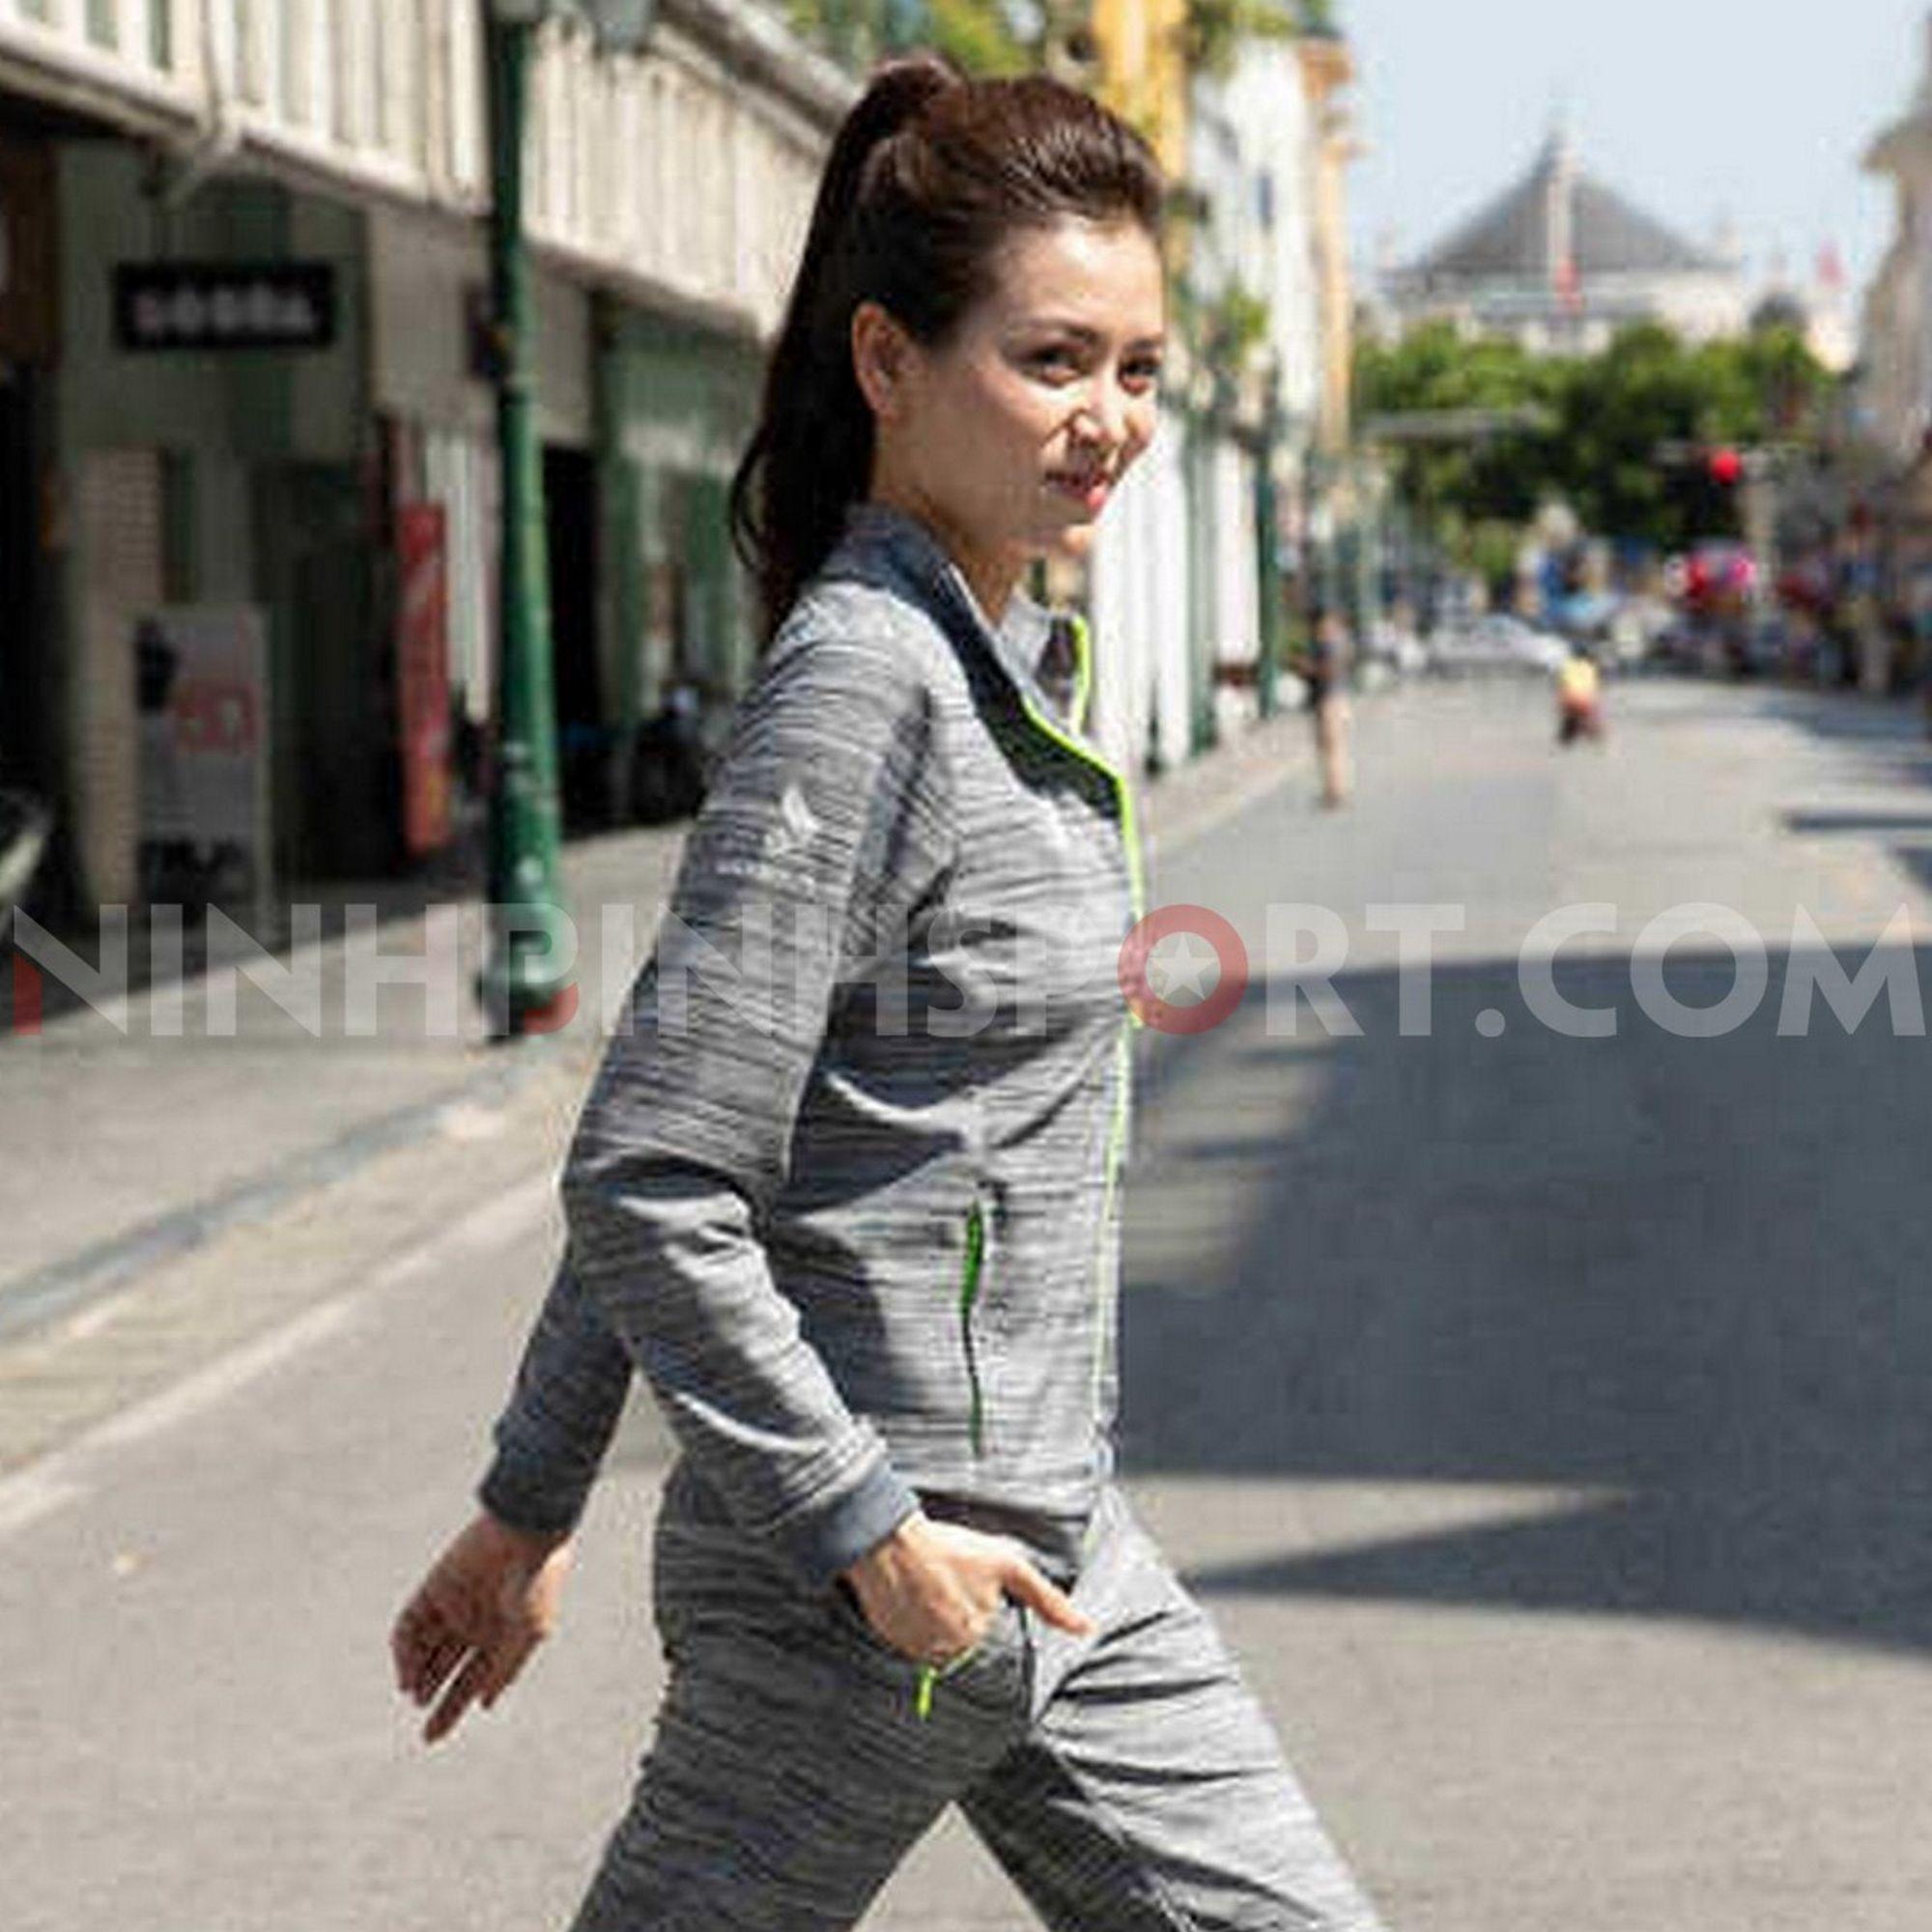 Bộ thể thao nữ Donex ADE-144-05